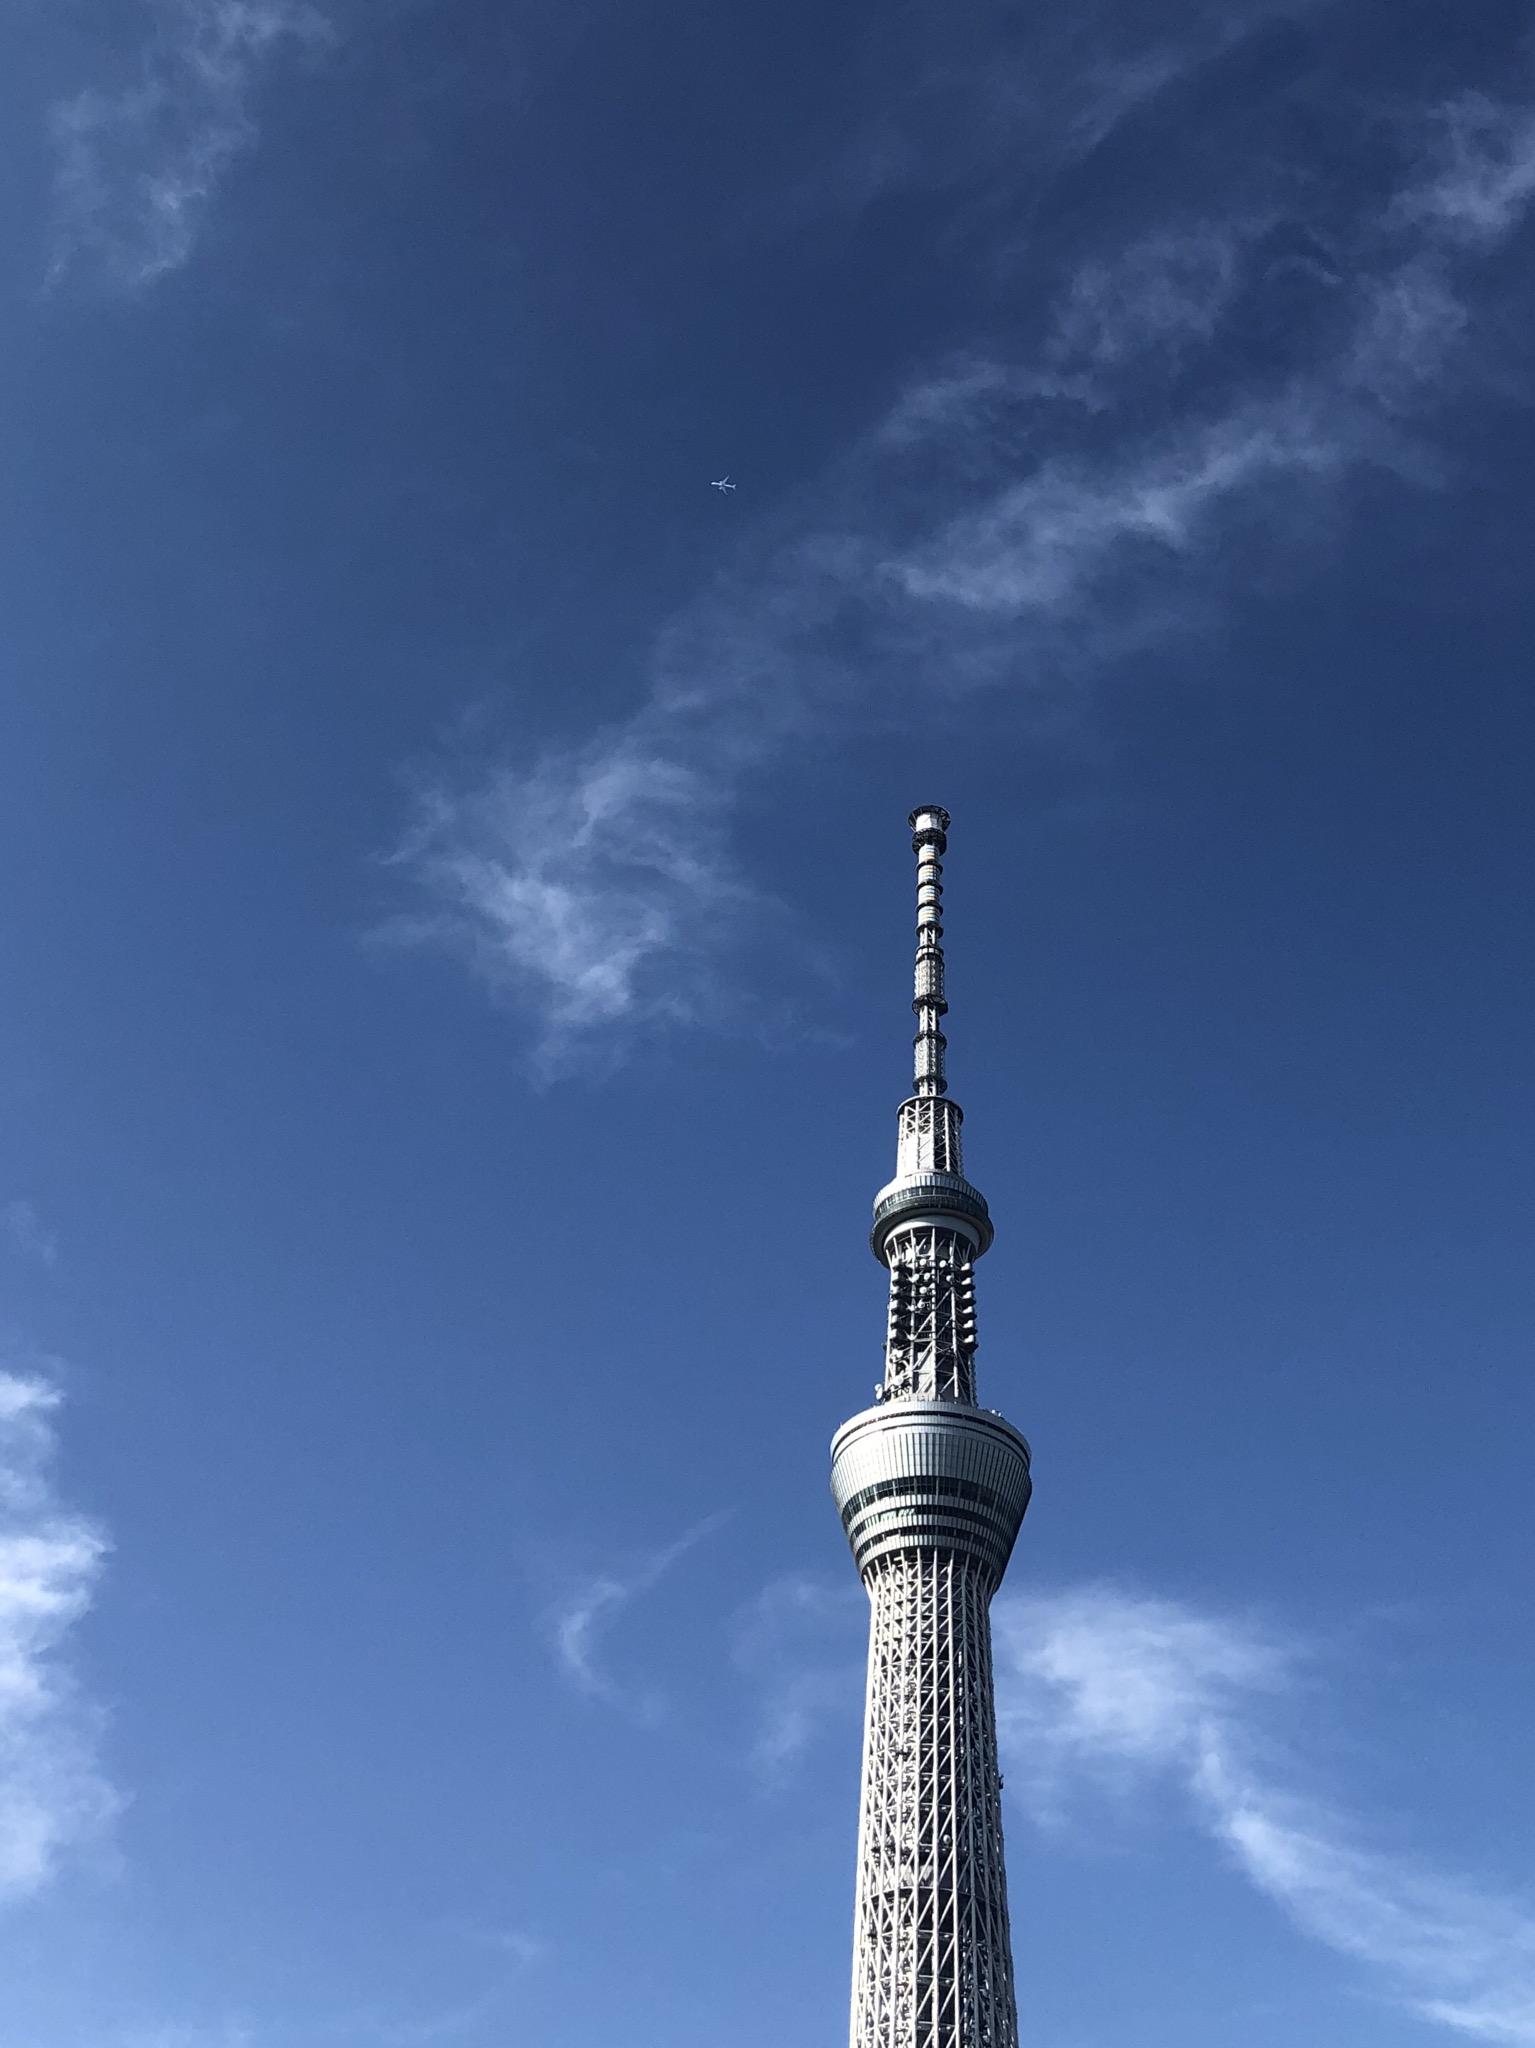 57C11533 AE2B 466F AB61 C2293EC99477 - 東京スカイツリー